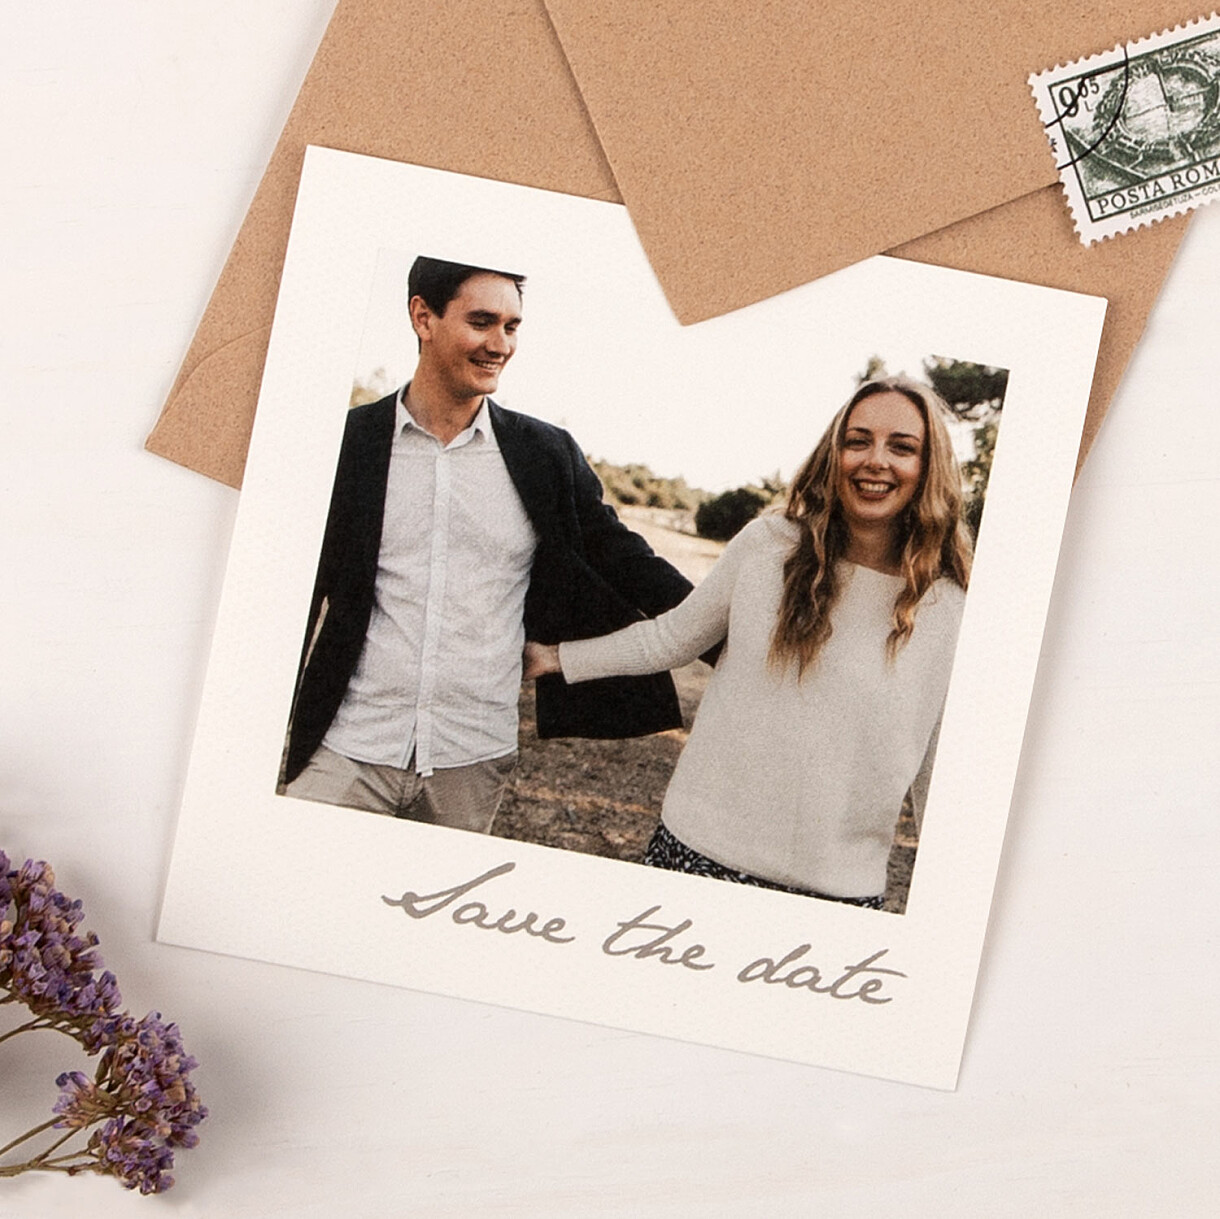 Save-the-date karten kleines polaroid